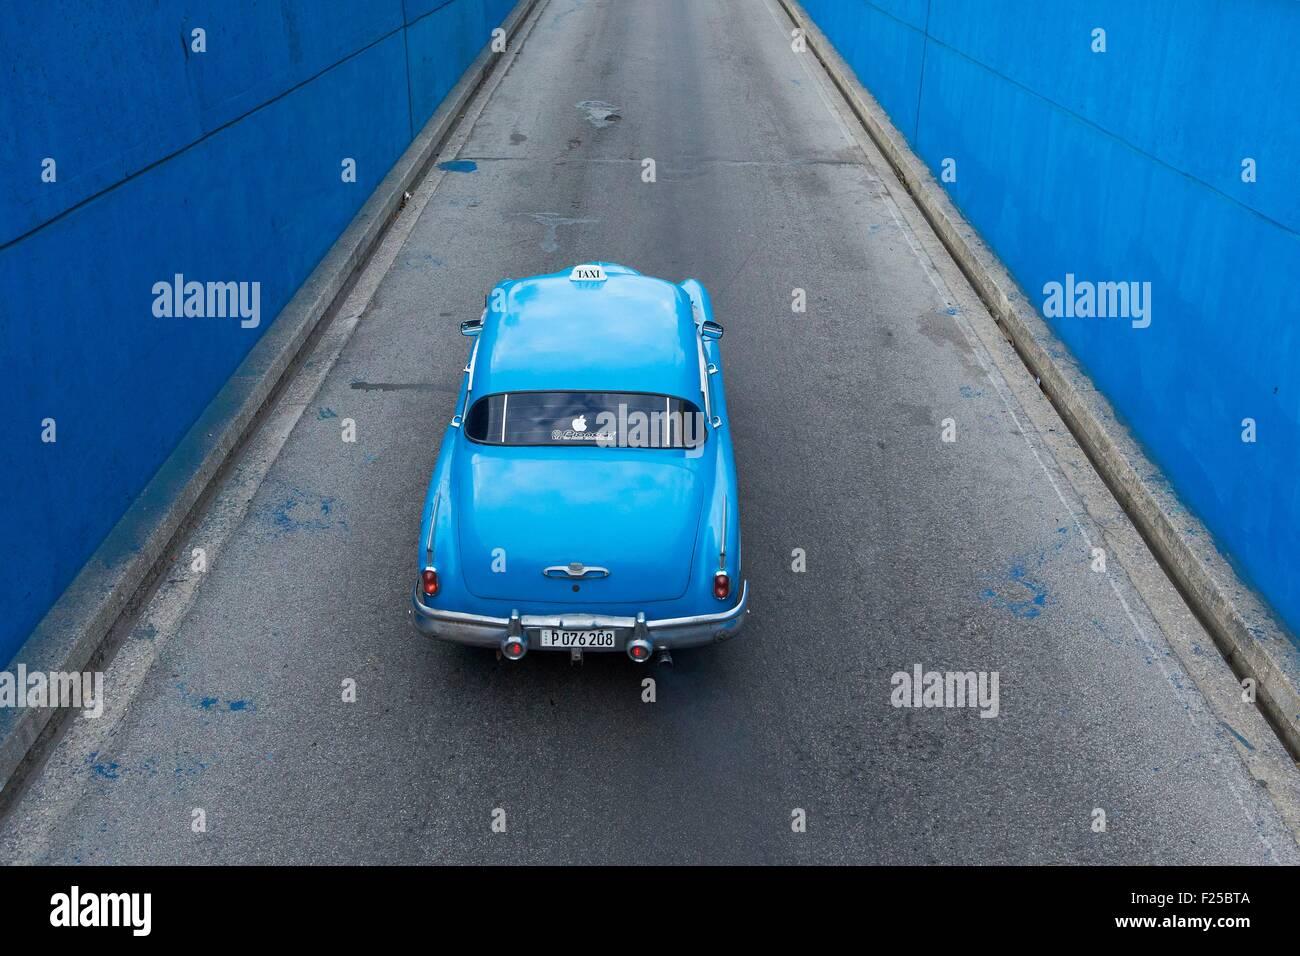 Cuba, Ciudad de la Habana province, La Havana, american car - Stock Image